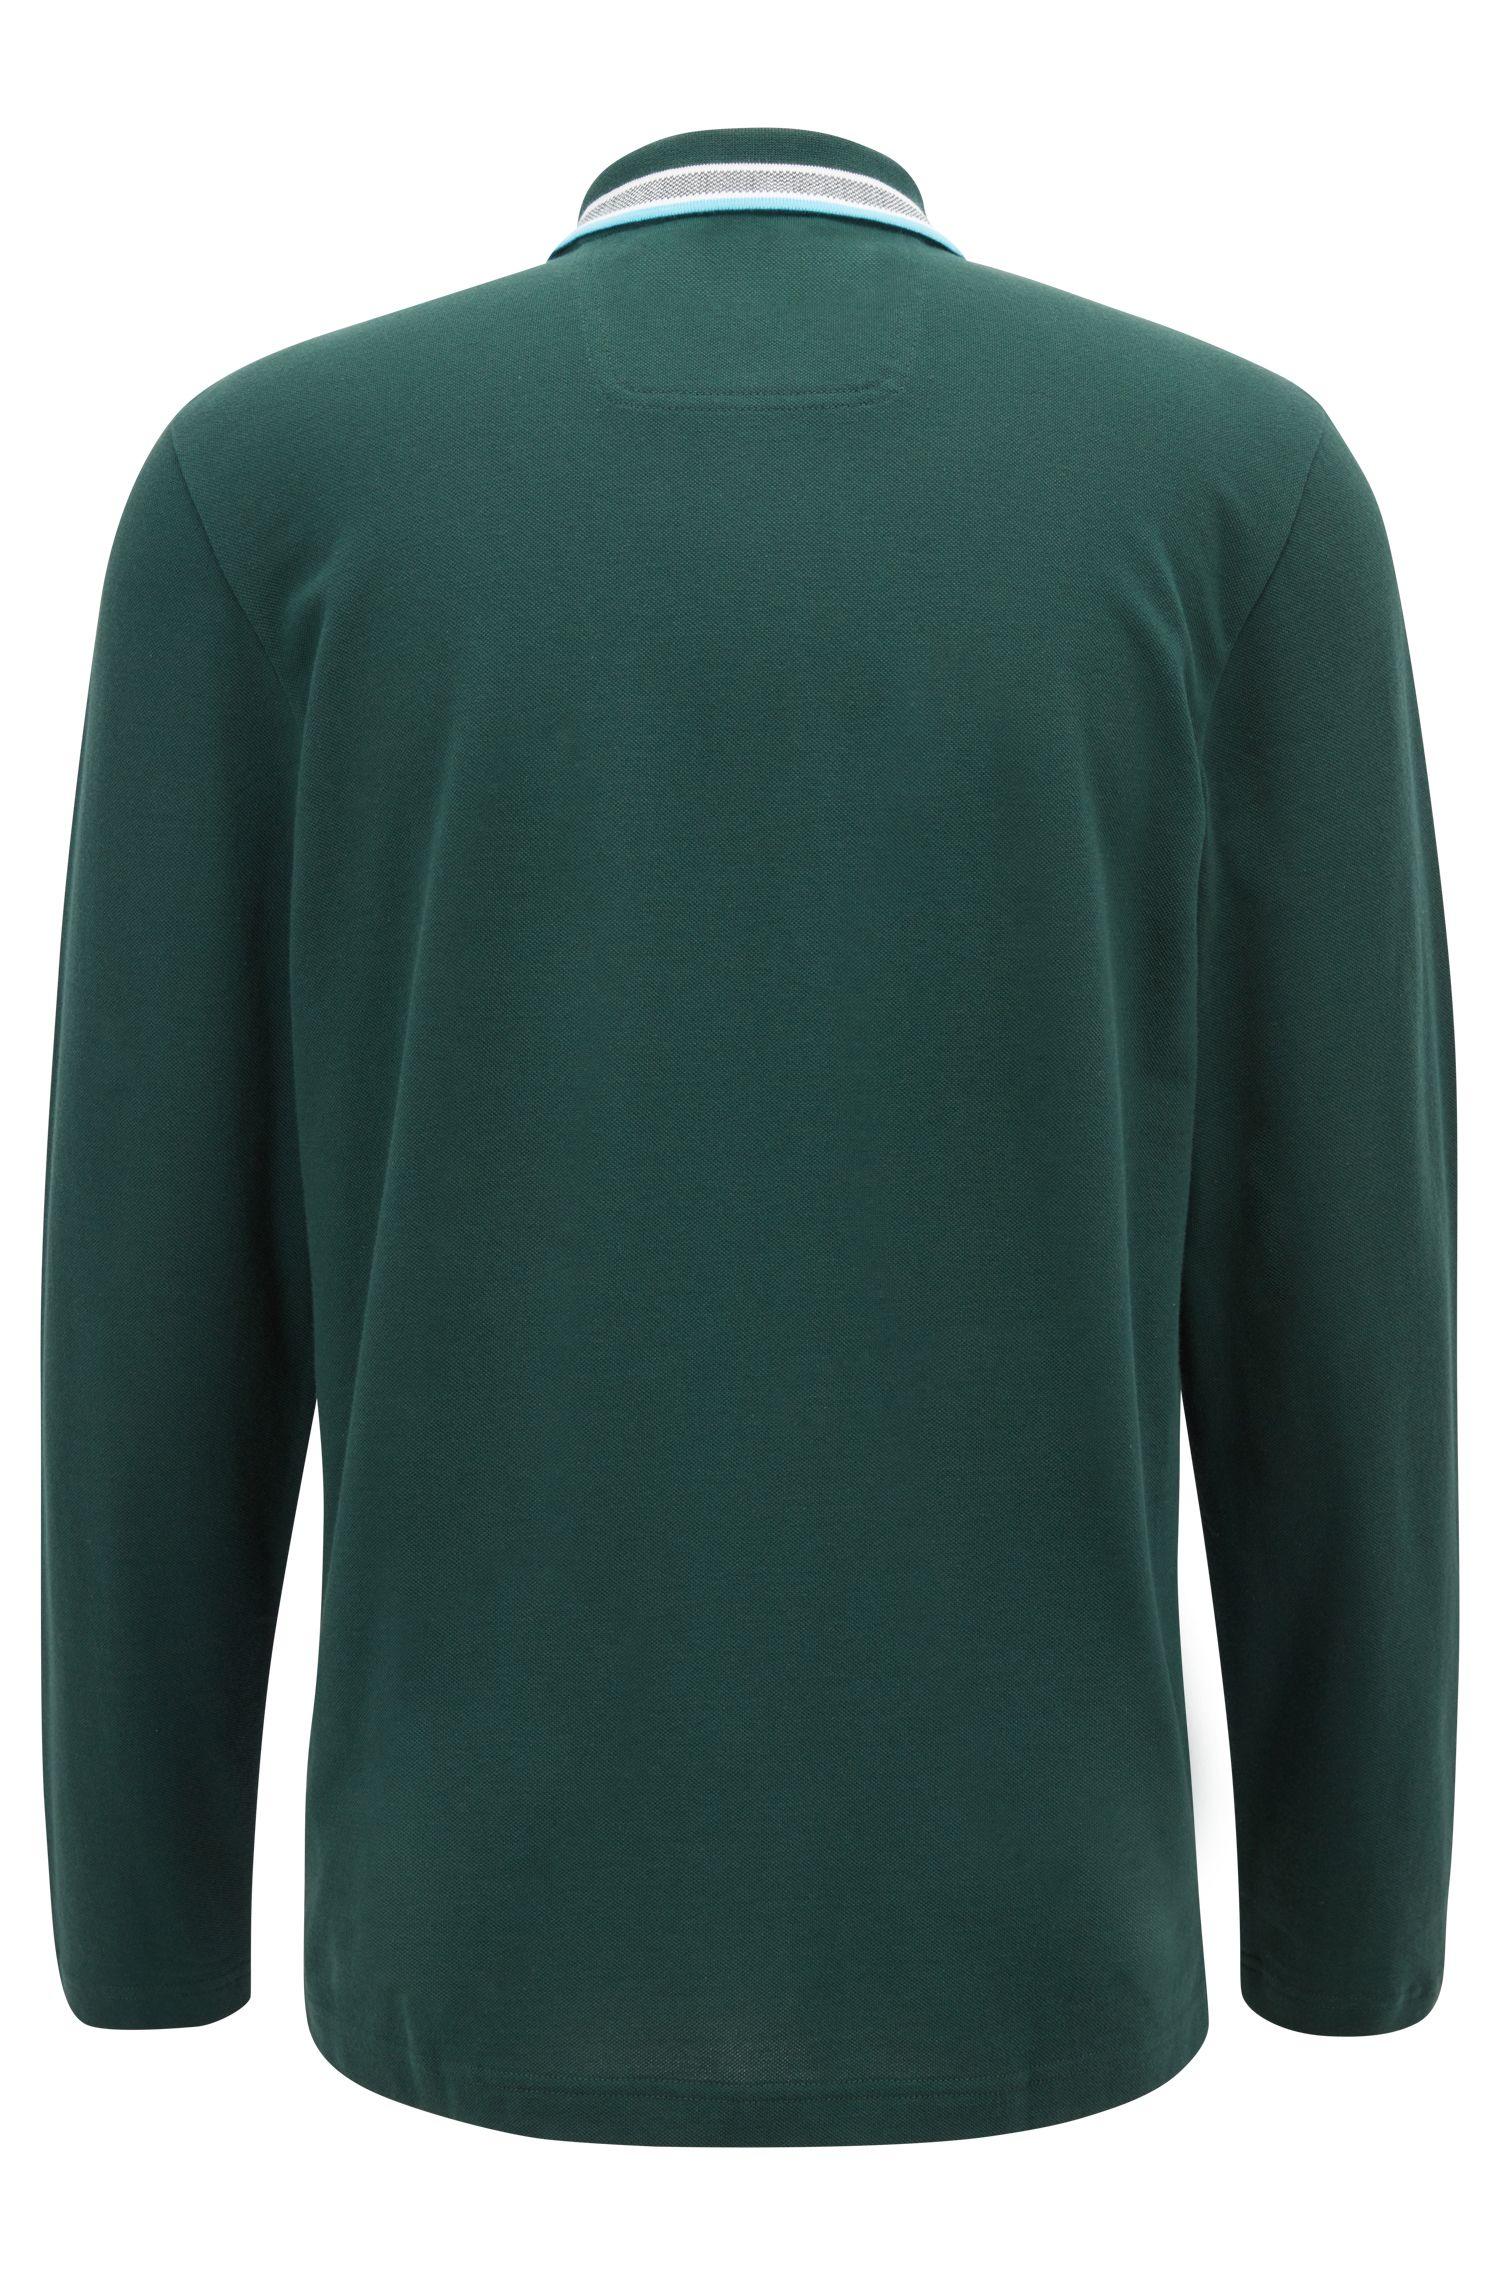 Regular-Fit Poloshirt aus Baumwoll-Piqué, Dunkelgrün